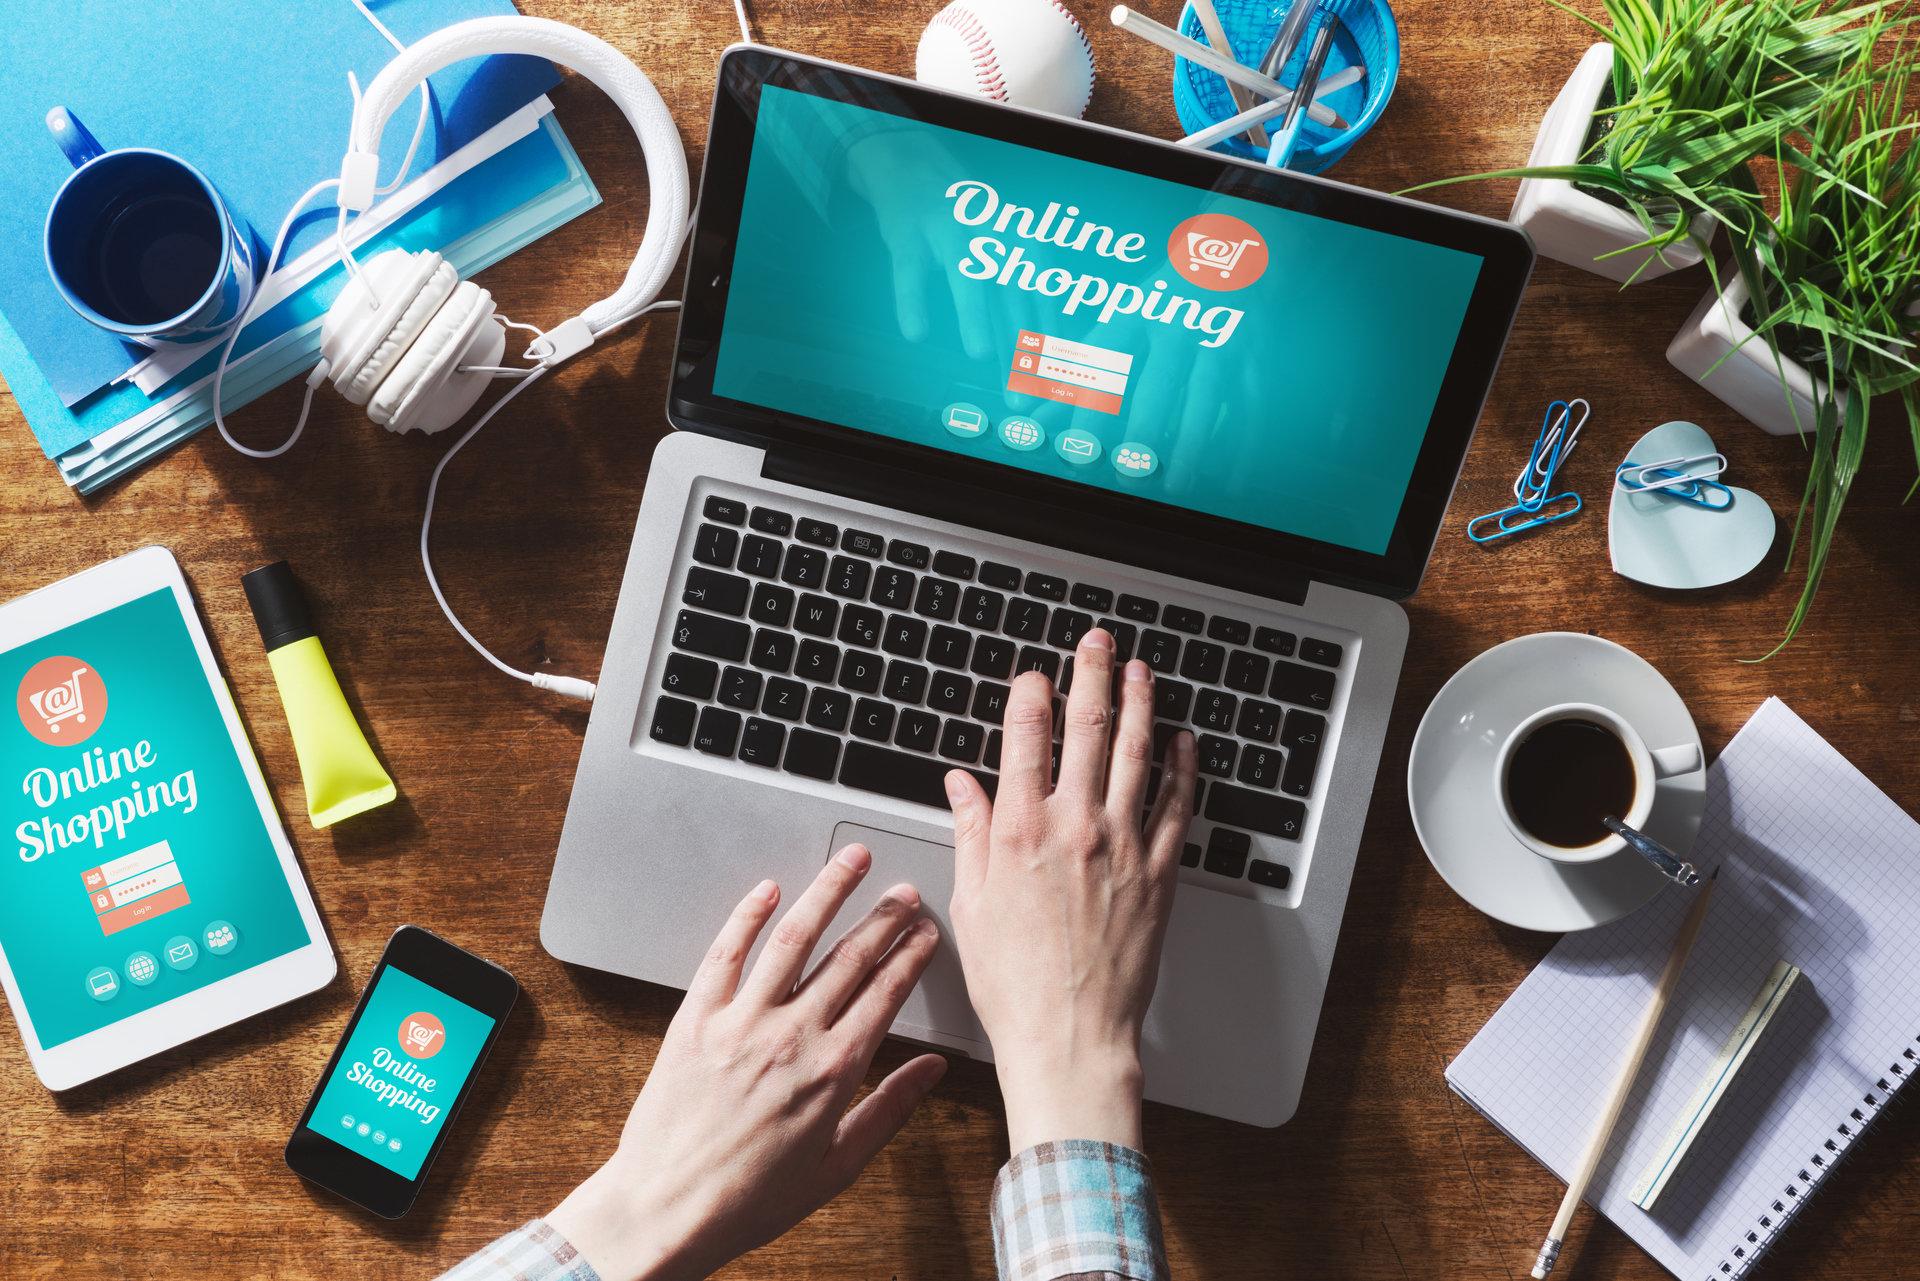 Czy sukces e-obuwie.pl może być zaraźliwy – jak zadebiutować z działalnością online za granicą?